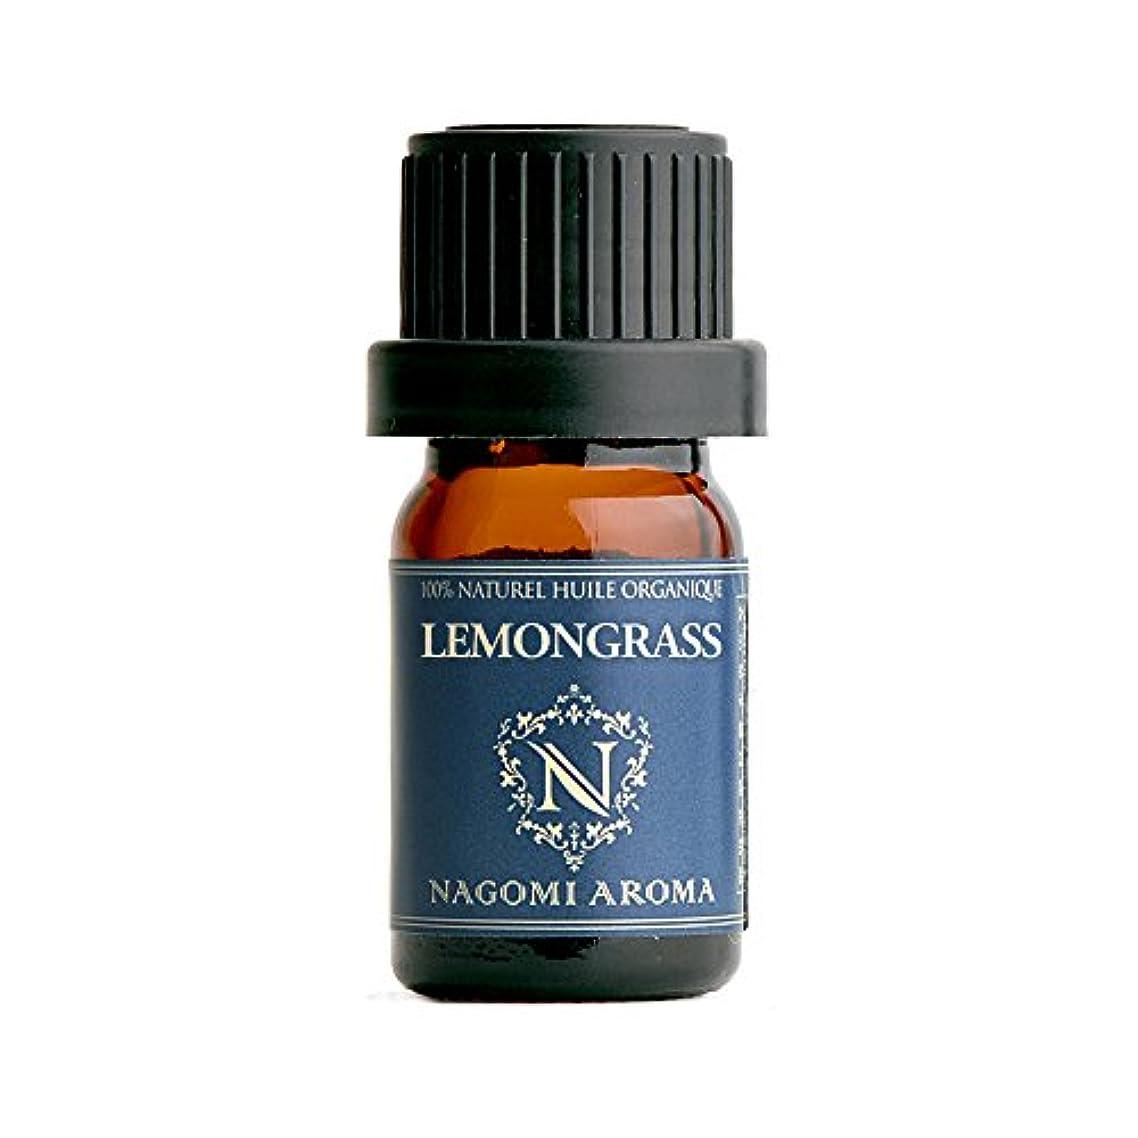 好む意図的傷つきやすいNAGOMI AROMA オーガニック レモングラス 5ml 【AEAJ認定精油】【アロマオイル】